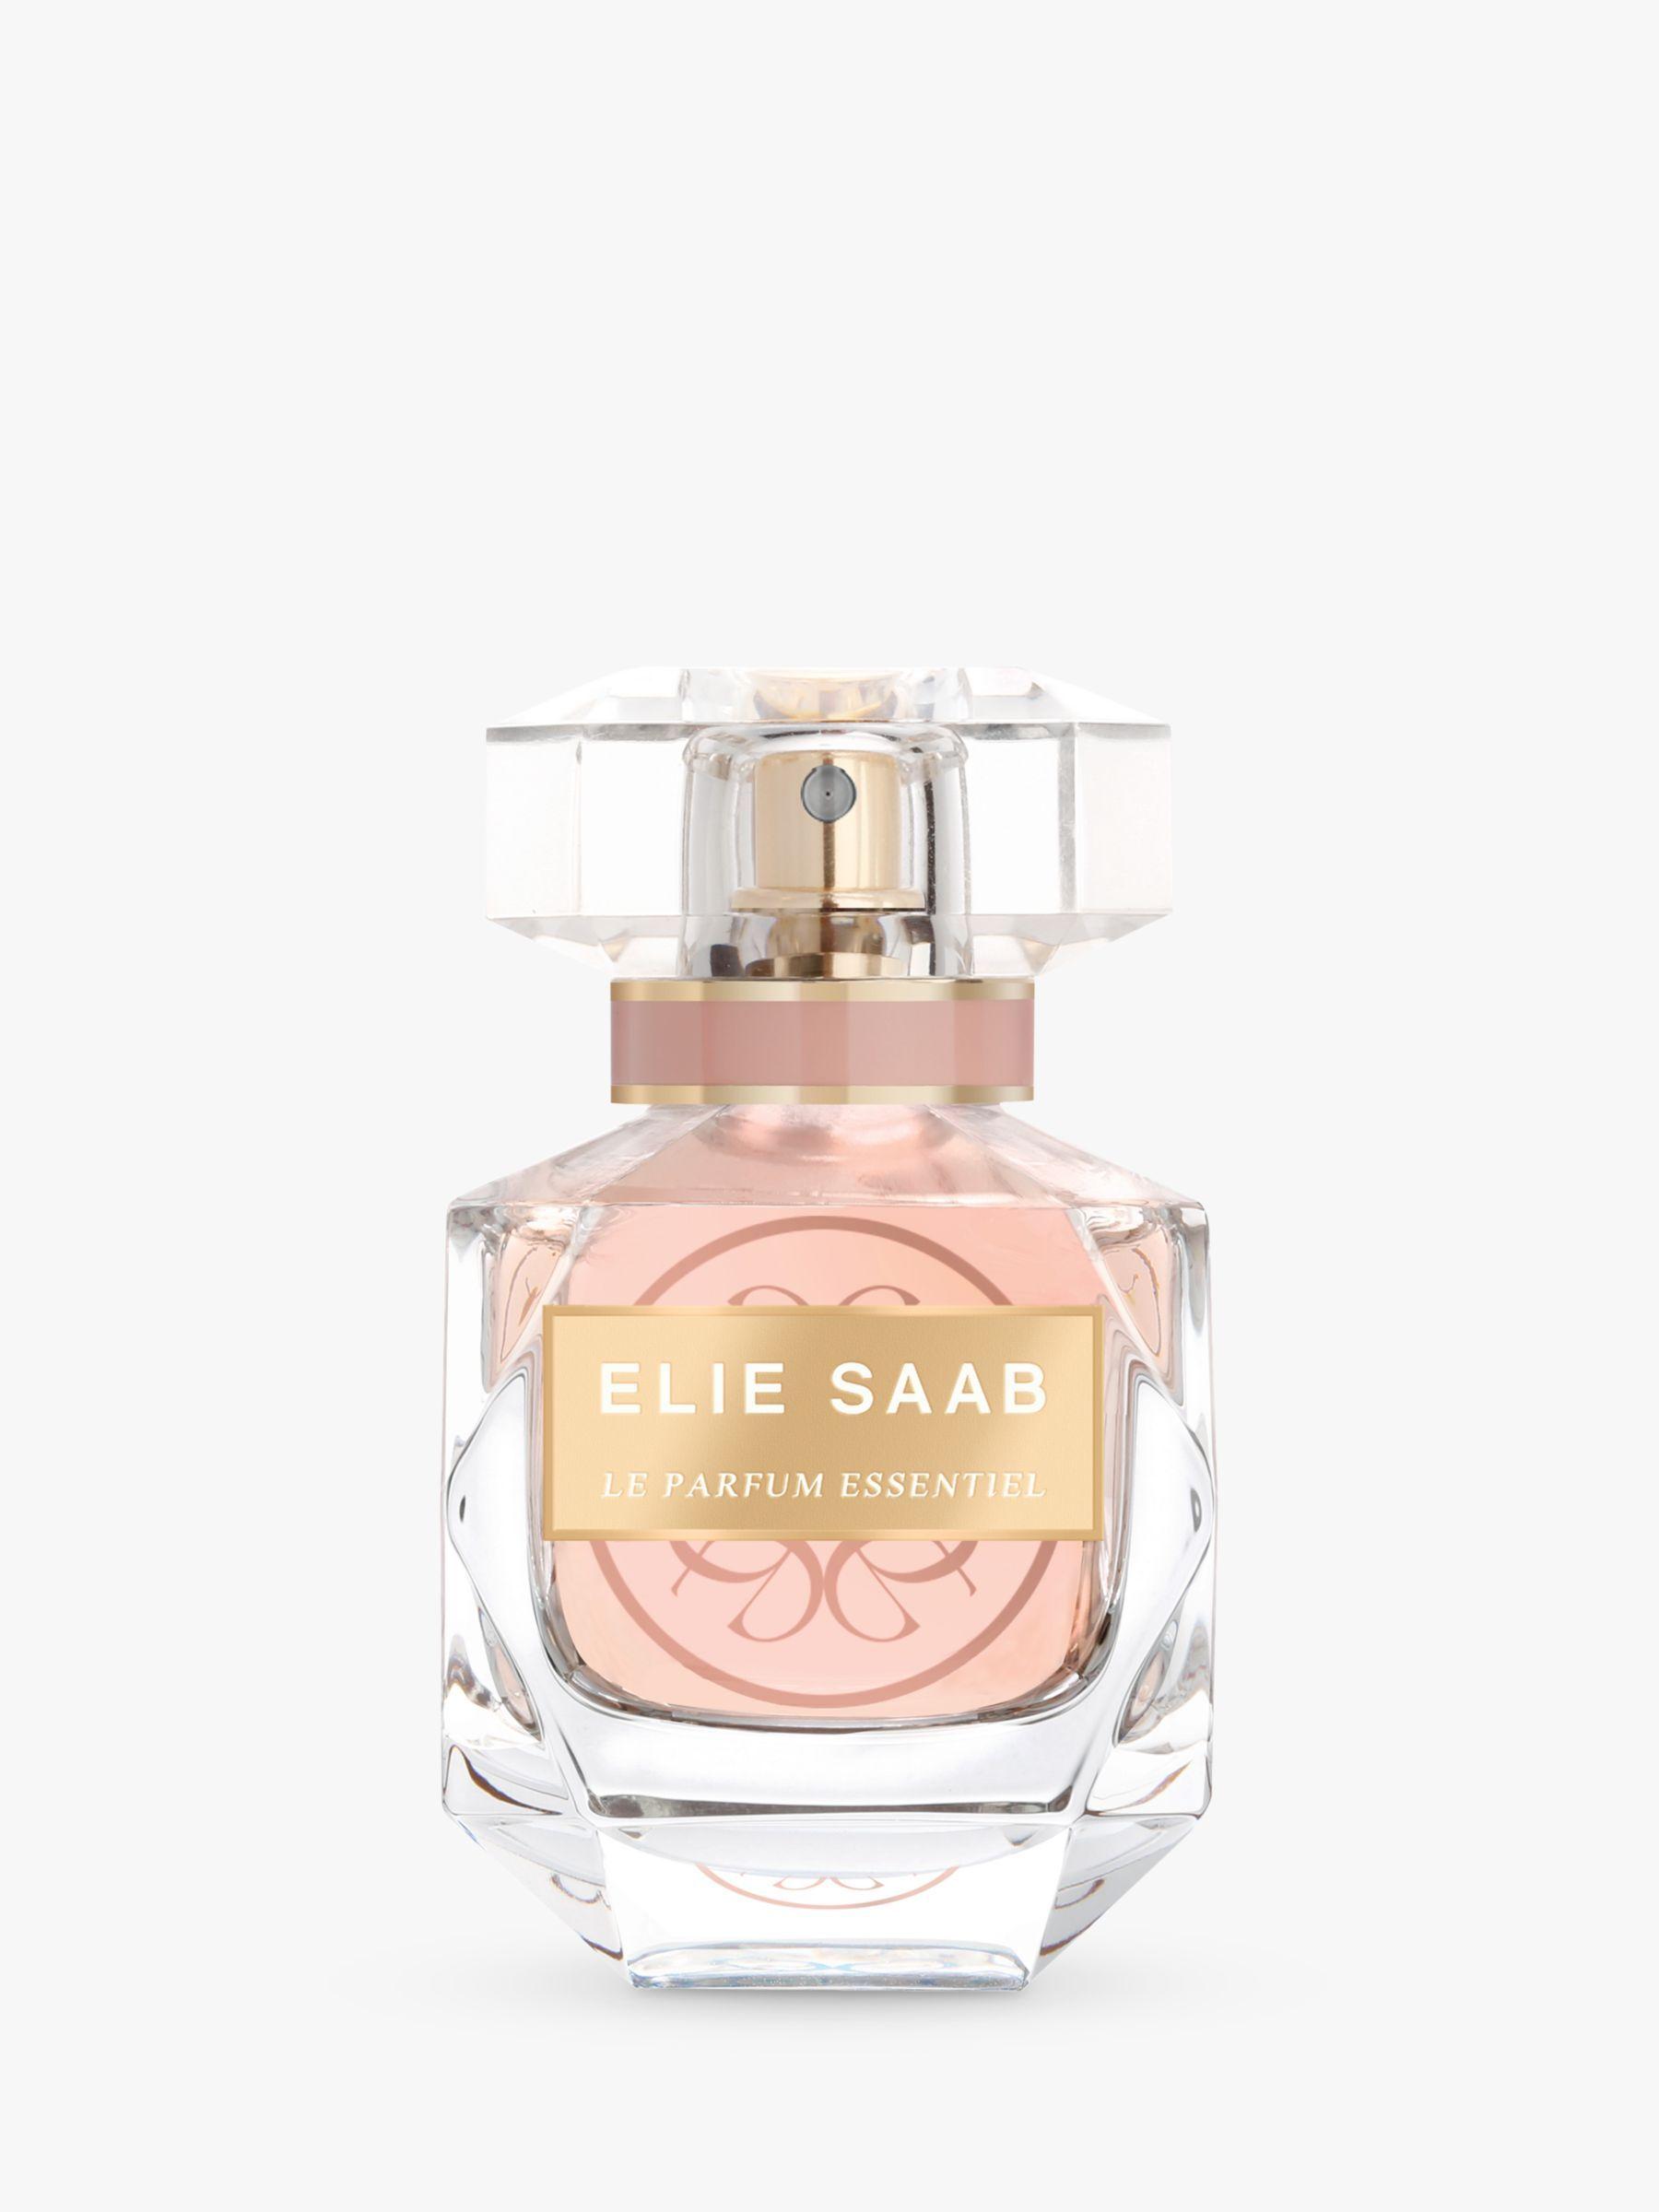 Elie Saab Le Parfum Essentiel Eau De Parfum Perfume Perfume And Cologne Perfume Bottles